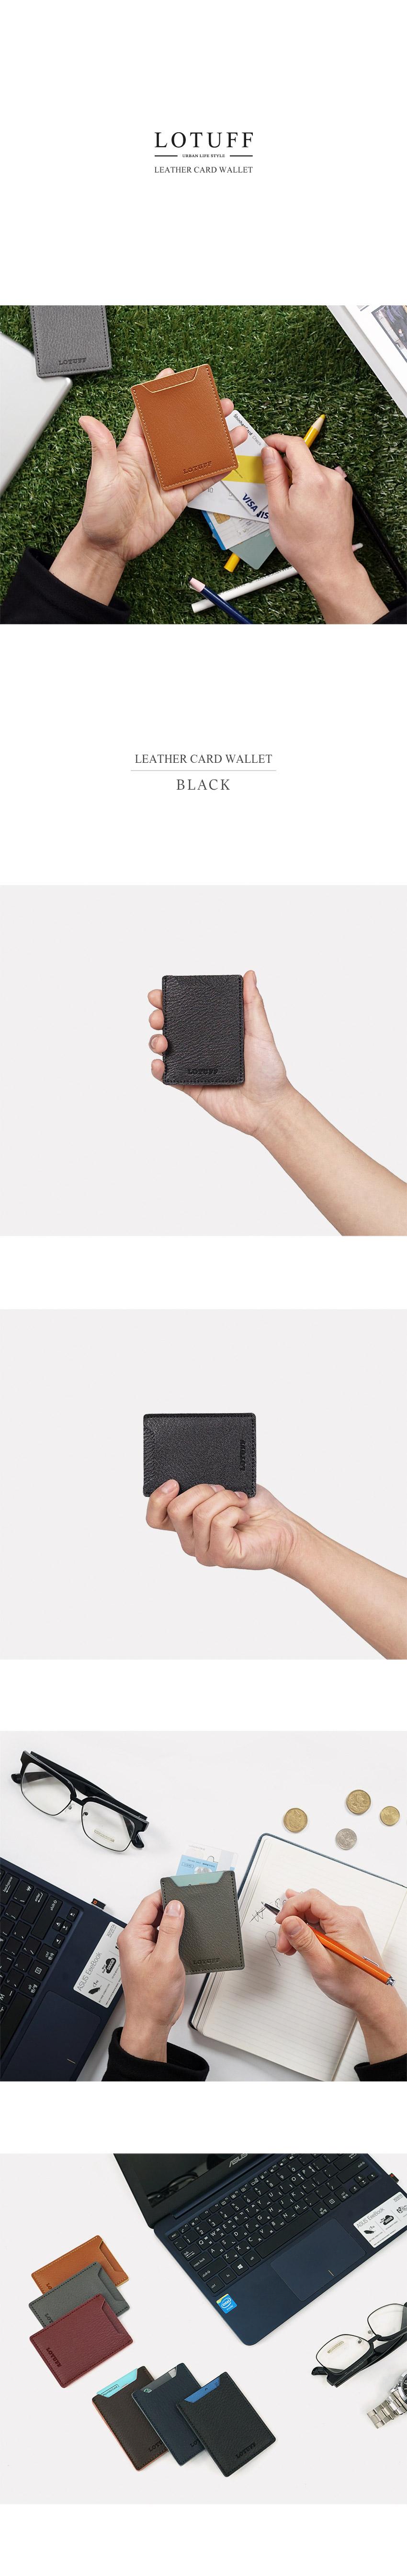 로터프(LOTUFF) LO-9002 BK 카드지갑 블랙 소가죽